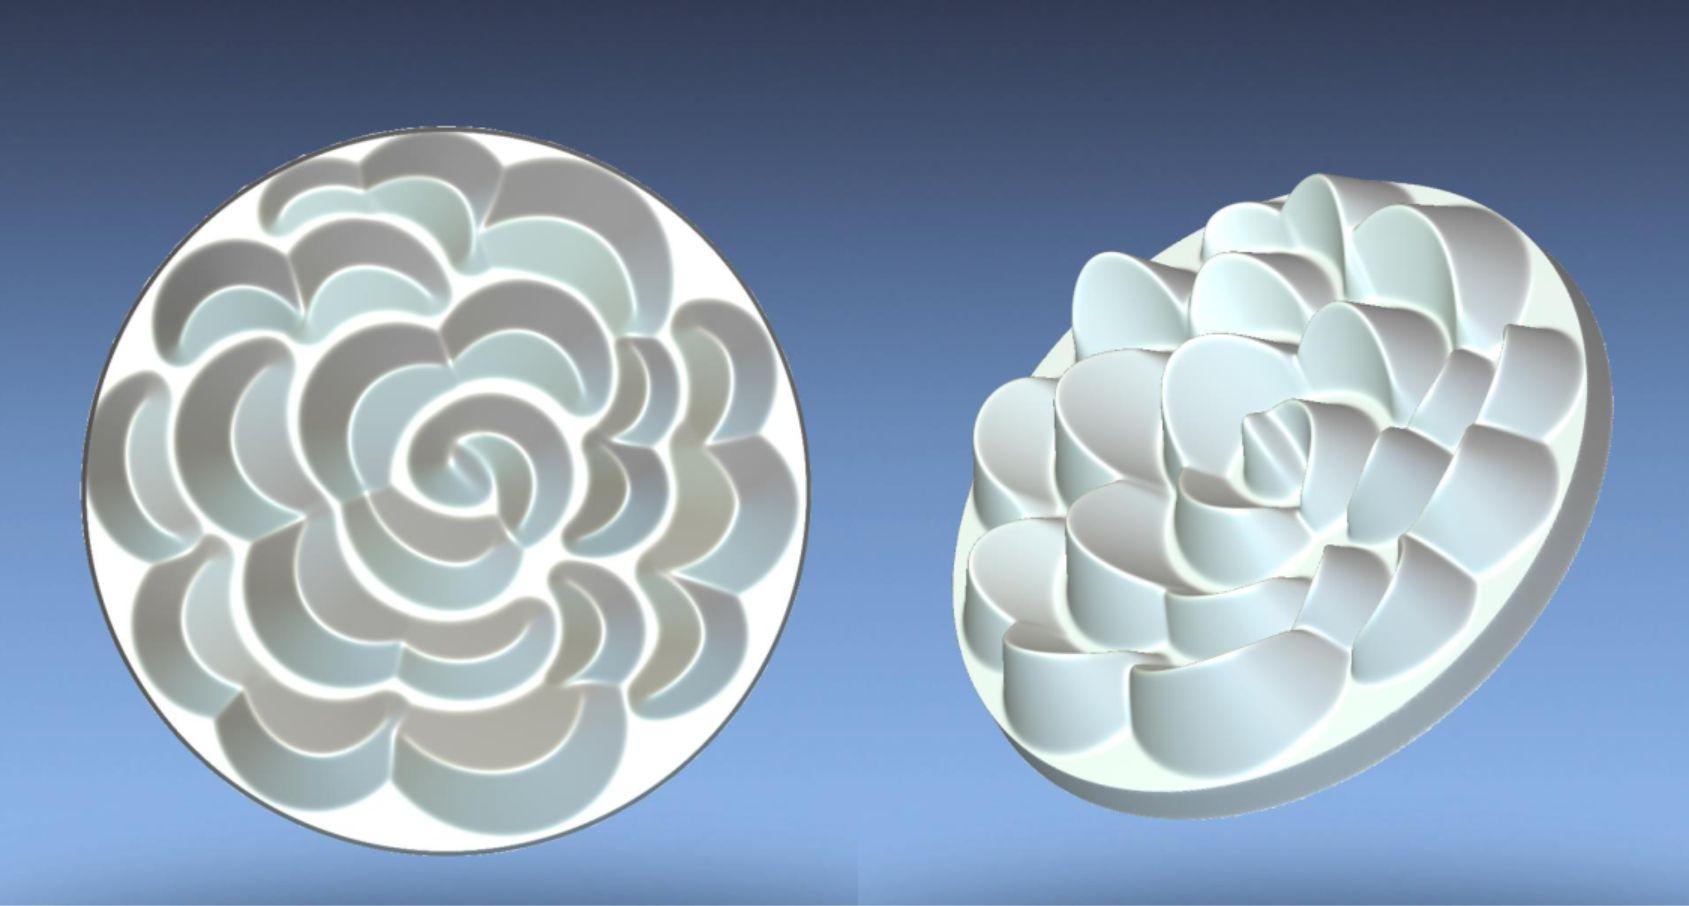 Сделать 3D модель массажного элемента формат STP/UG фото f_5295d2dfc7c28ee8.jpg